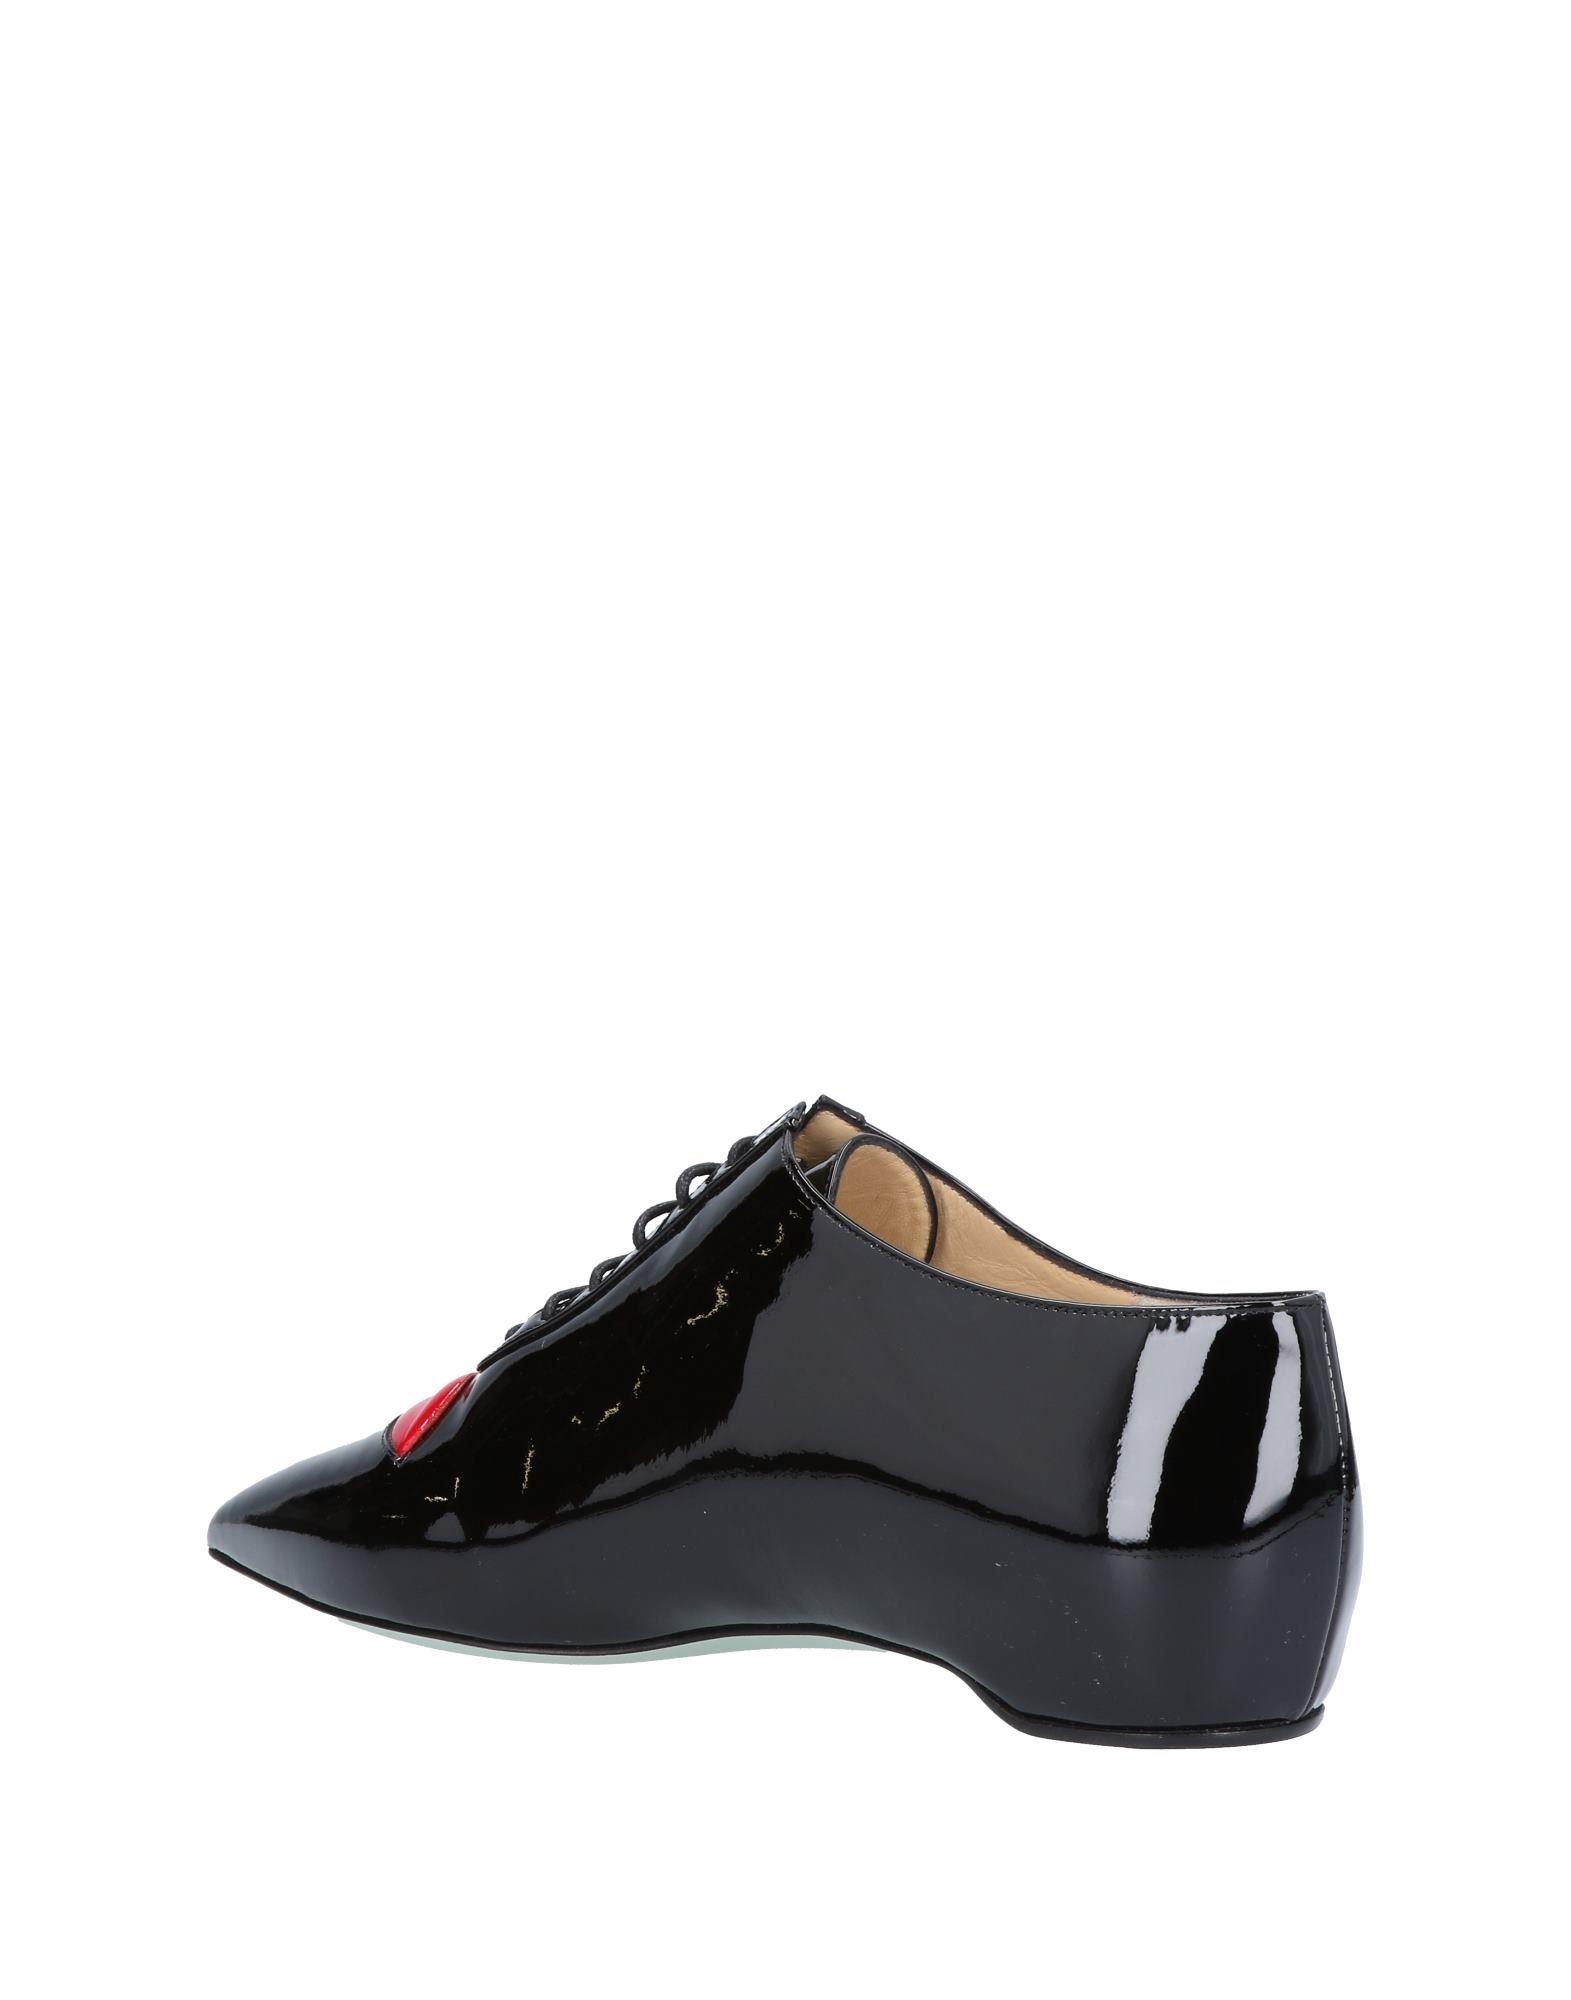 Rabatt Schuhe Giannico Schnürschuhe Damen  11487289EP